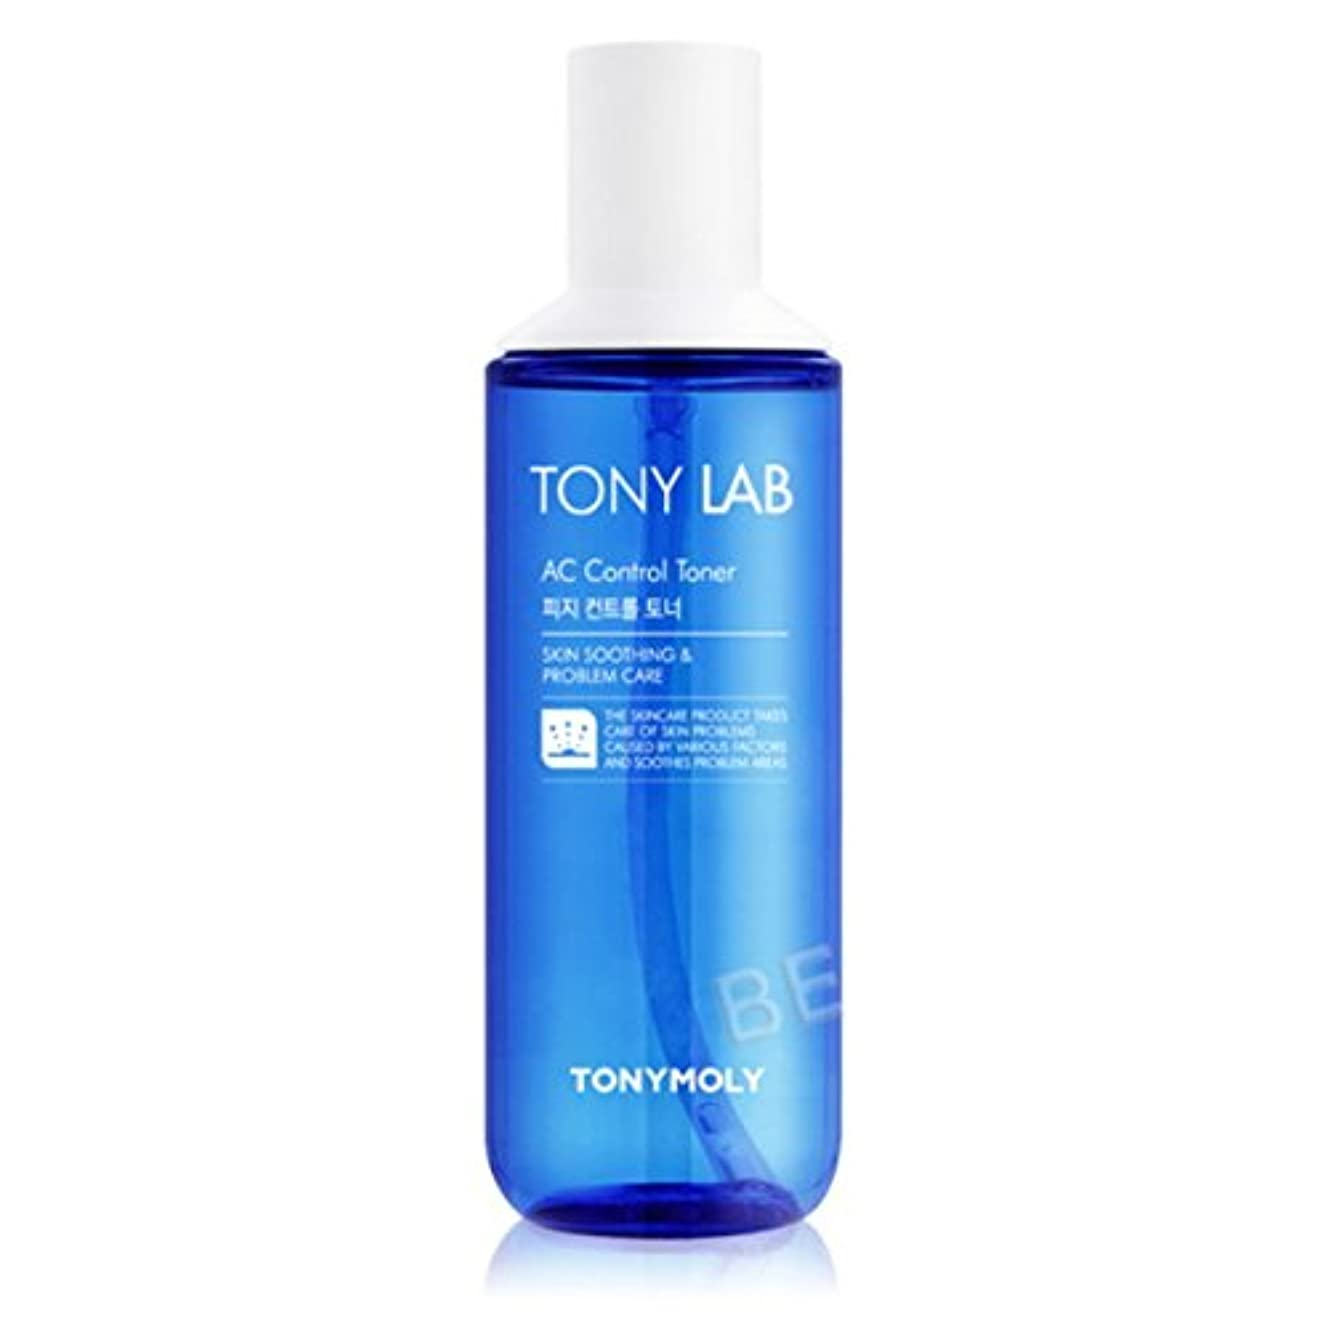 推測する迷信放射する(3 Pack) TONYMOLY Tony Lab AC Control Toner (並行輸入品)